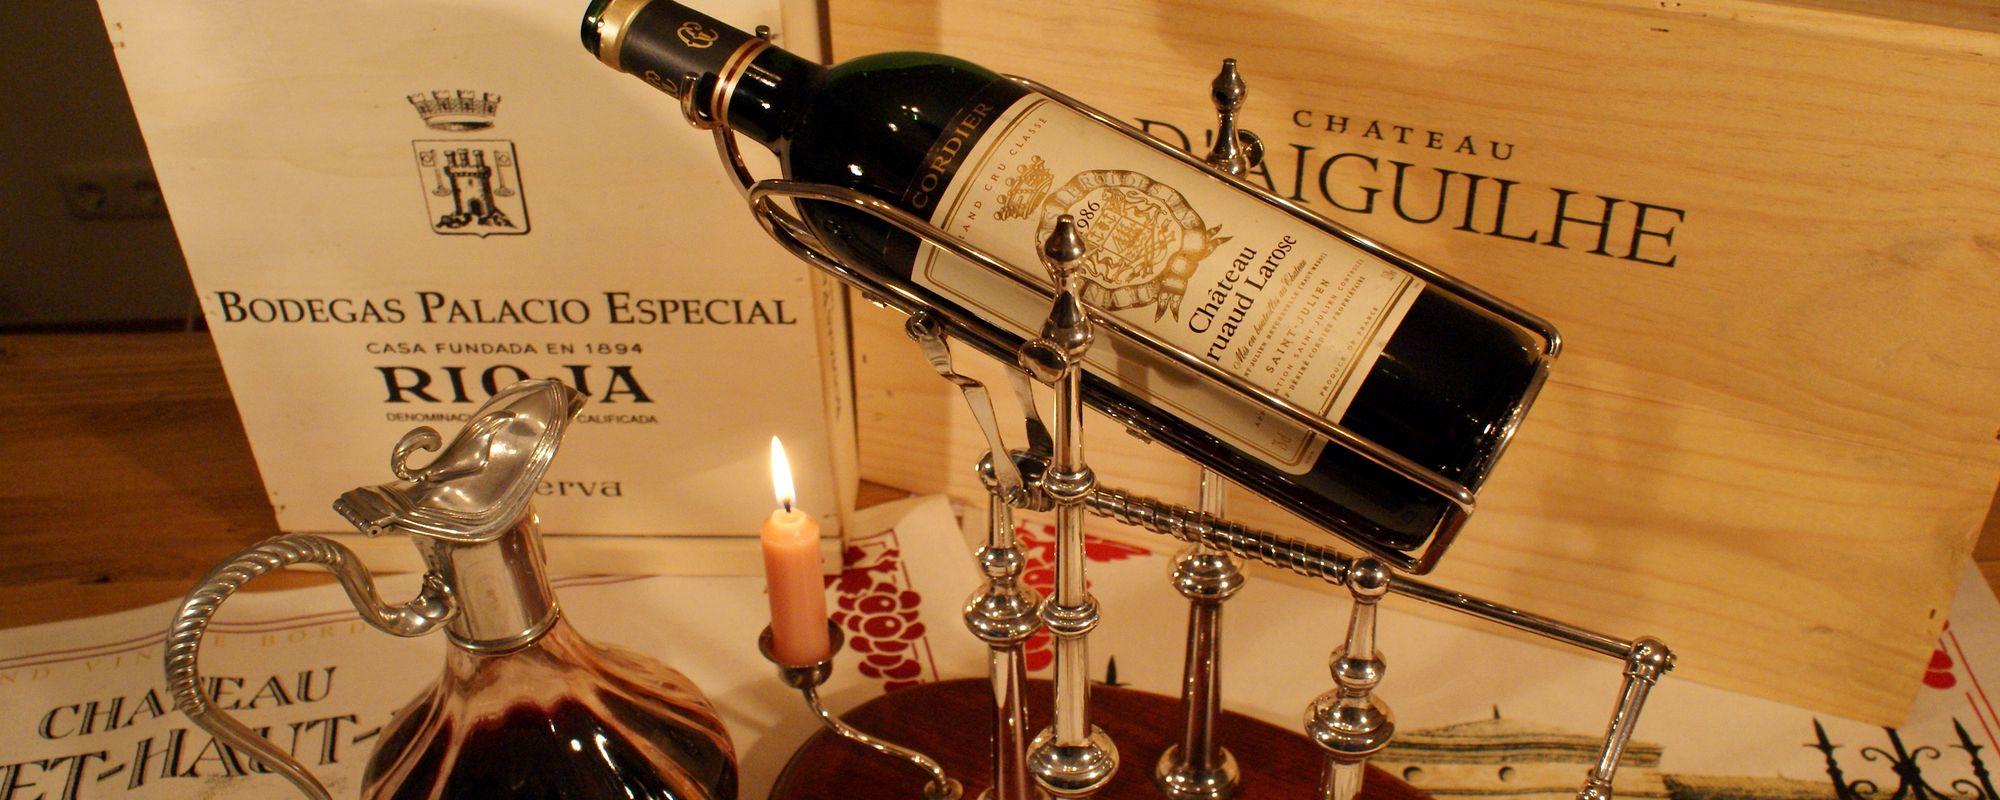 Dienstleistungen rund um Wein: Weinseminare, Weinreisen, Weinverkauf und mehr.